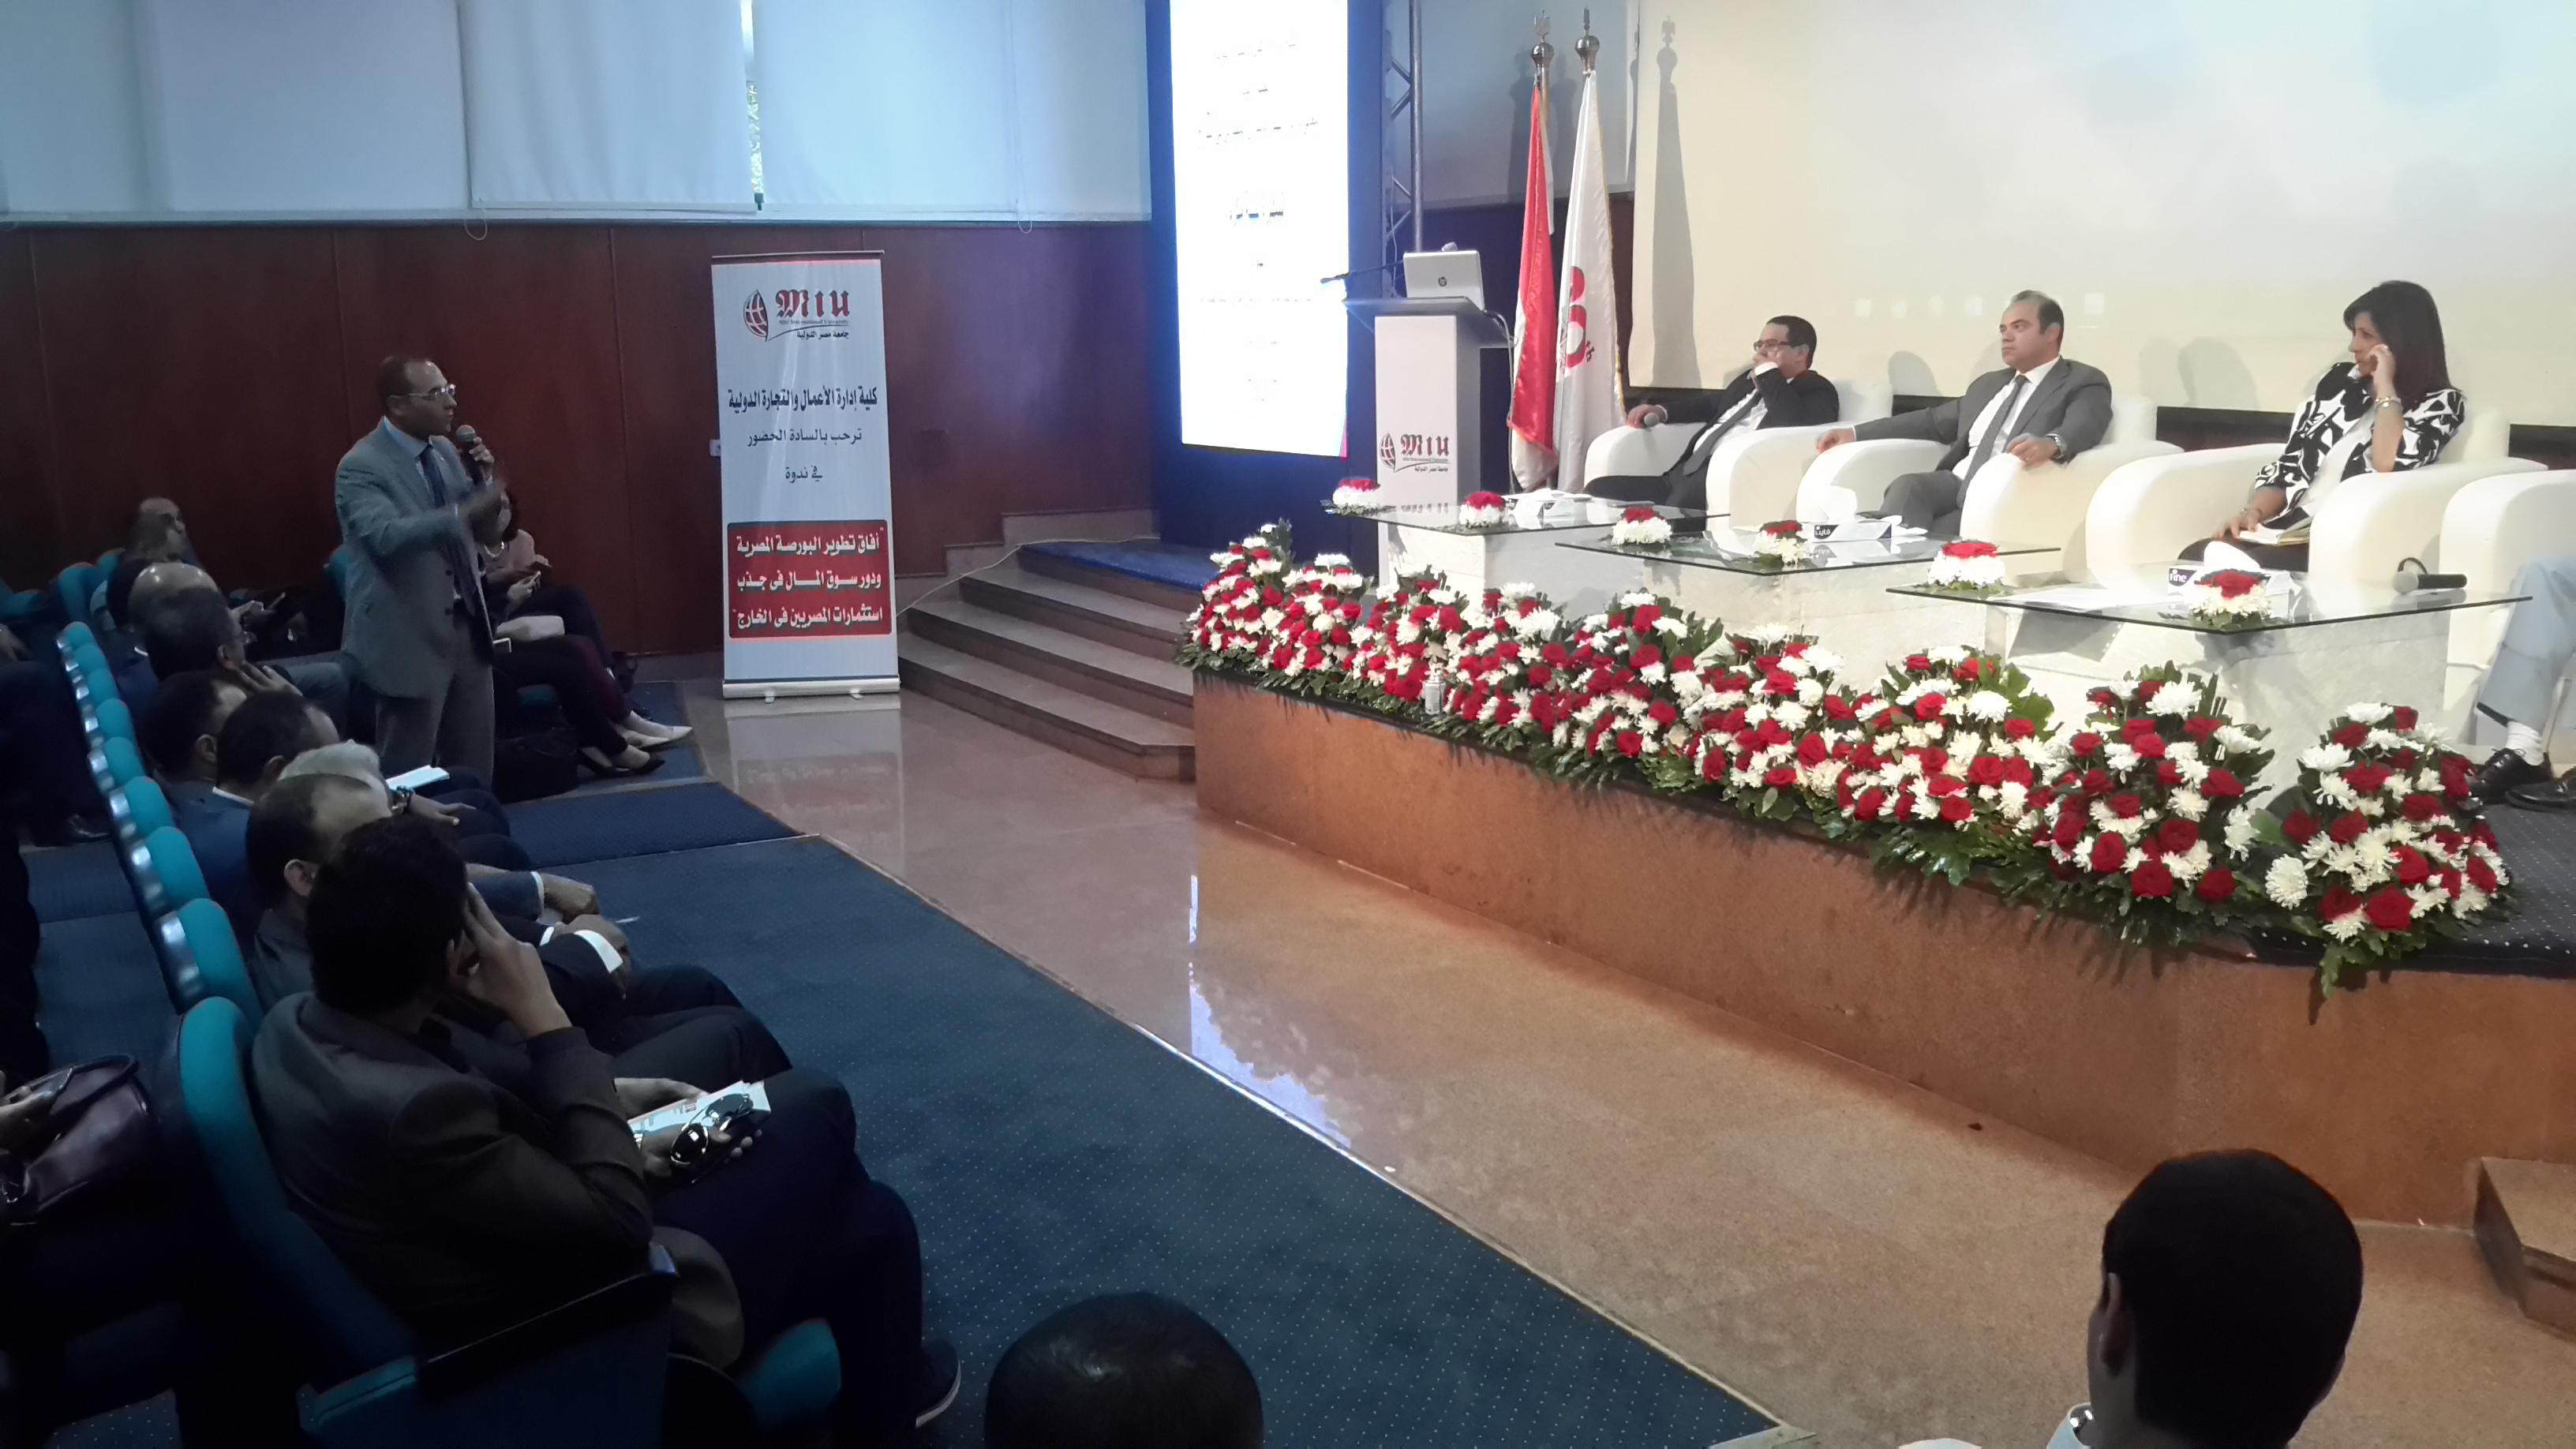 أحمد أبو السعد جامعة مصر الدولية